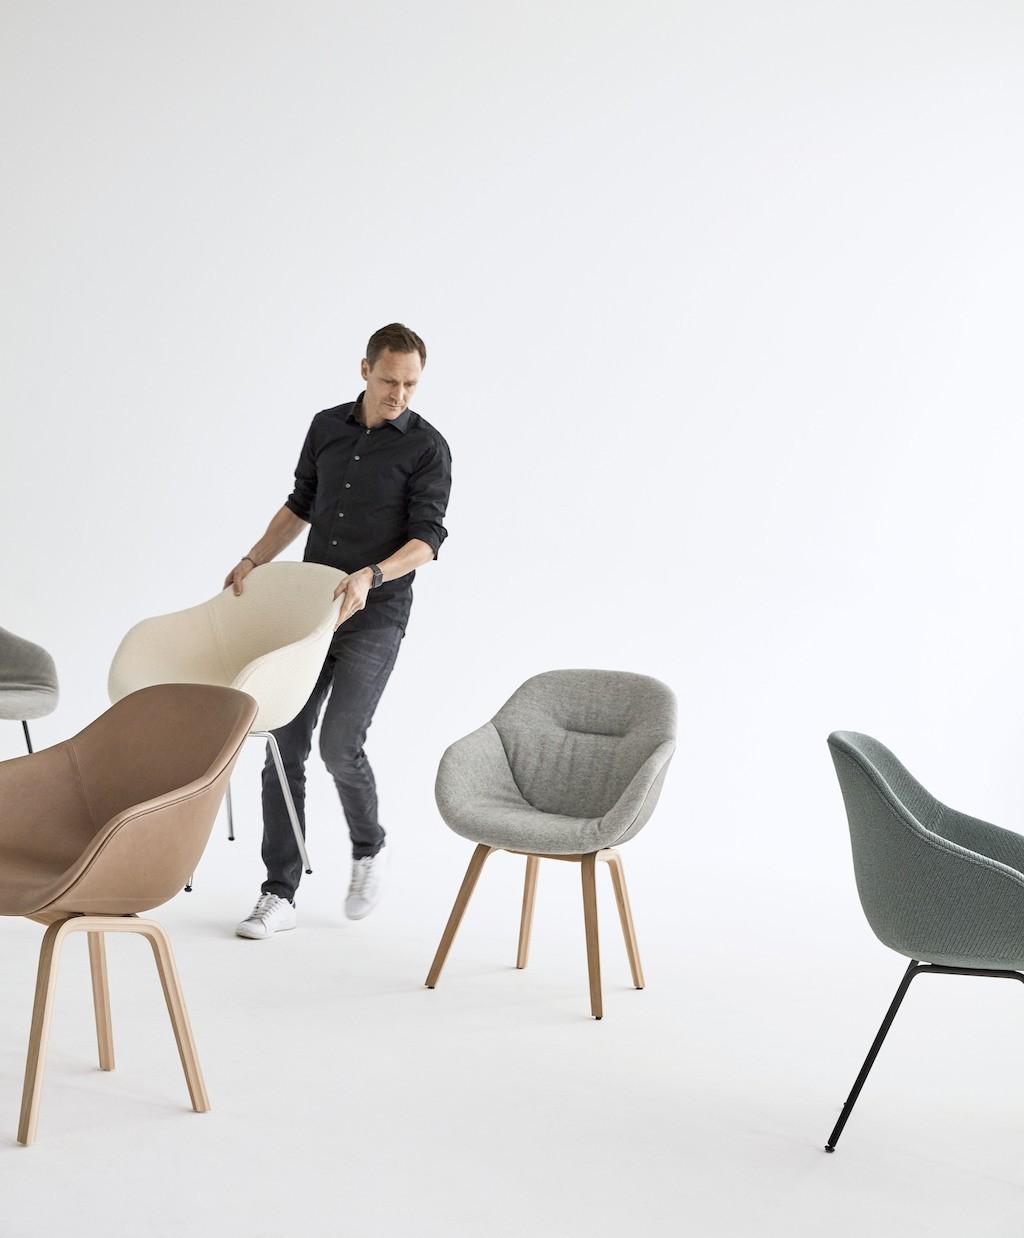 Neues von HAY: About A Chair Eco: Designer Hee Welling und seine Stuhlkreationen